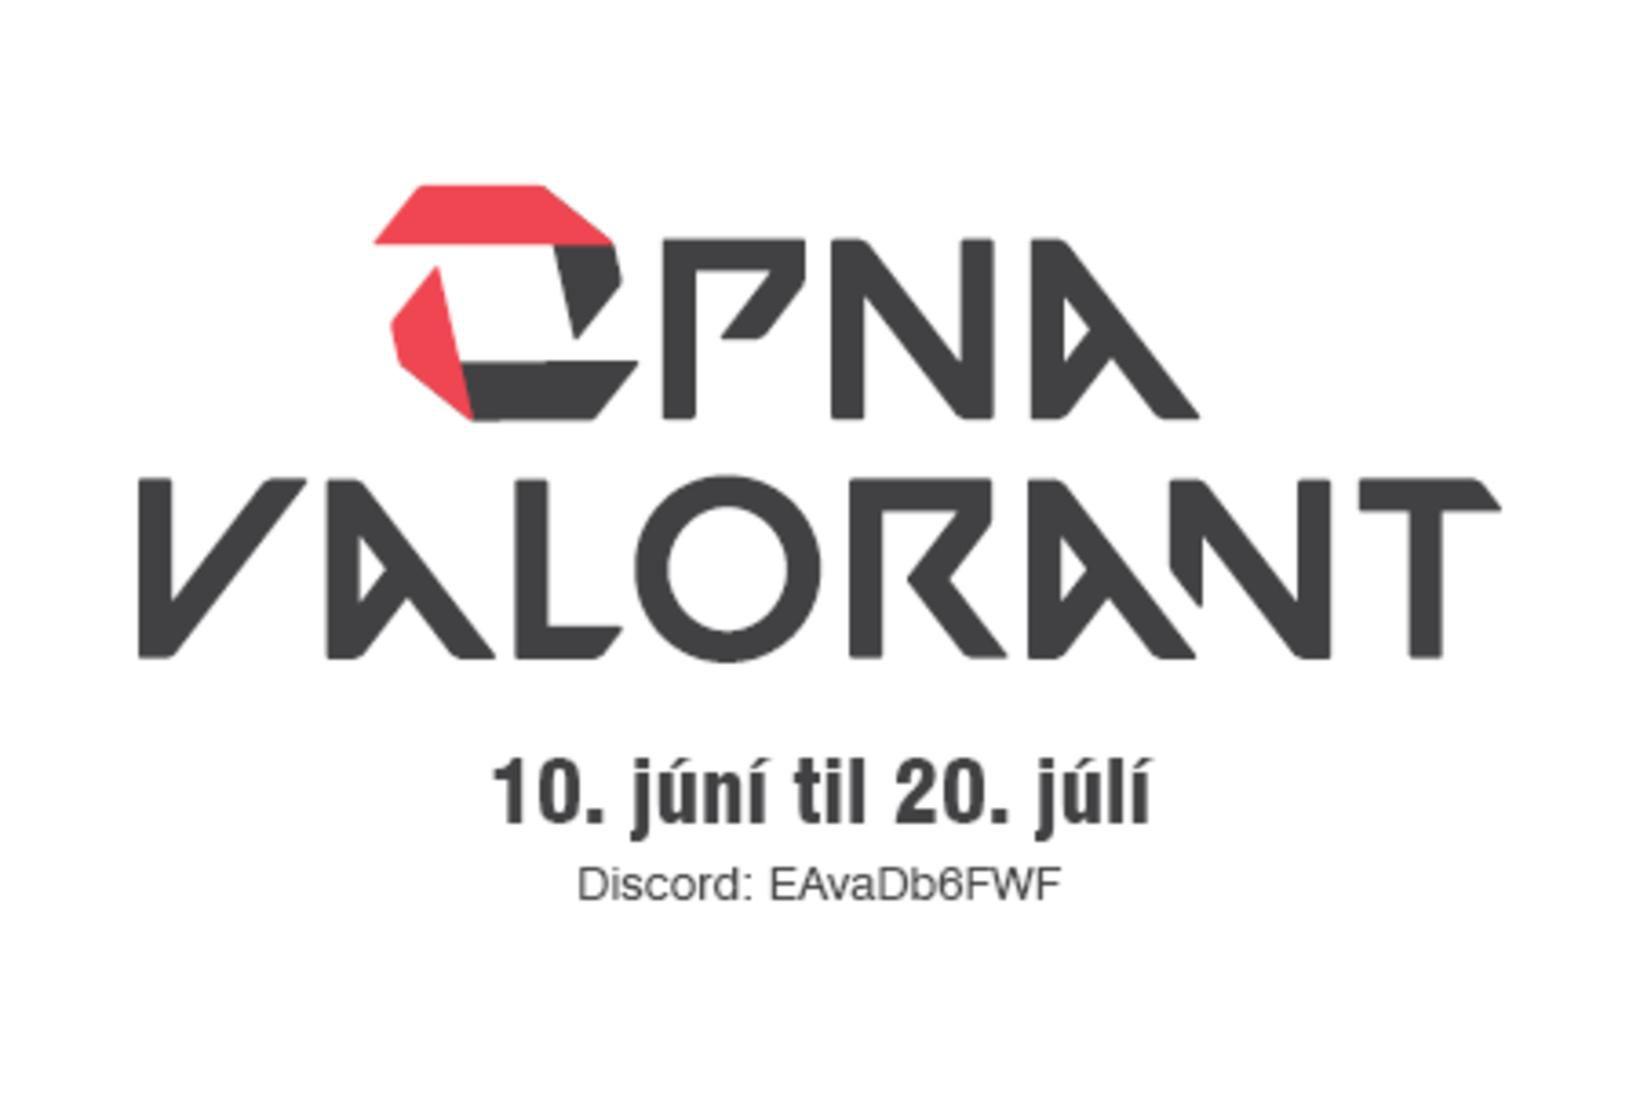 Auglýsing fyrir Opna Valorant-mótið.